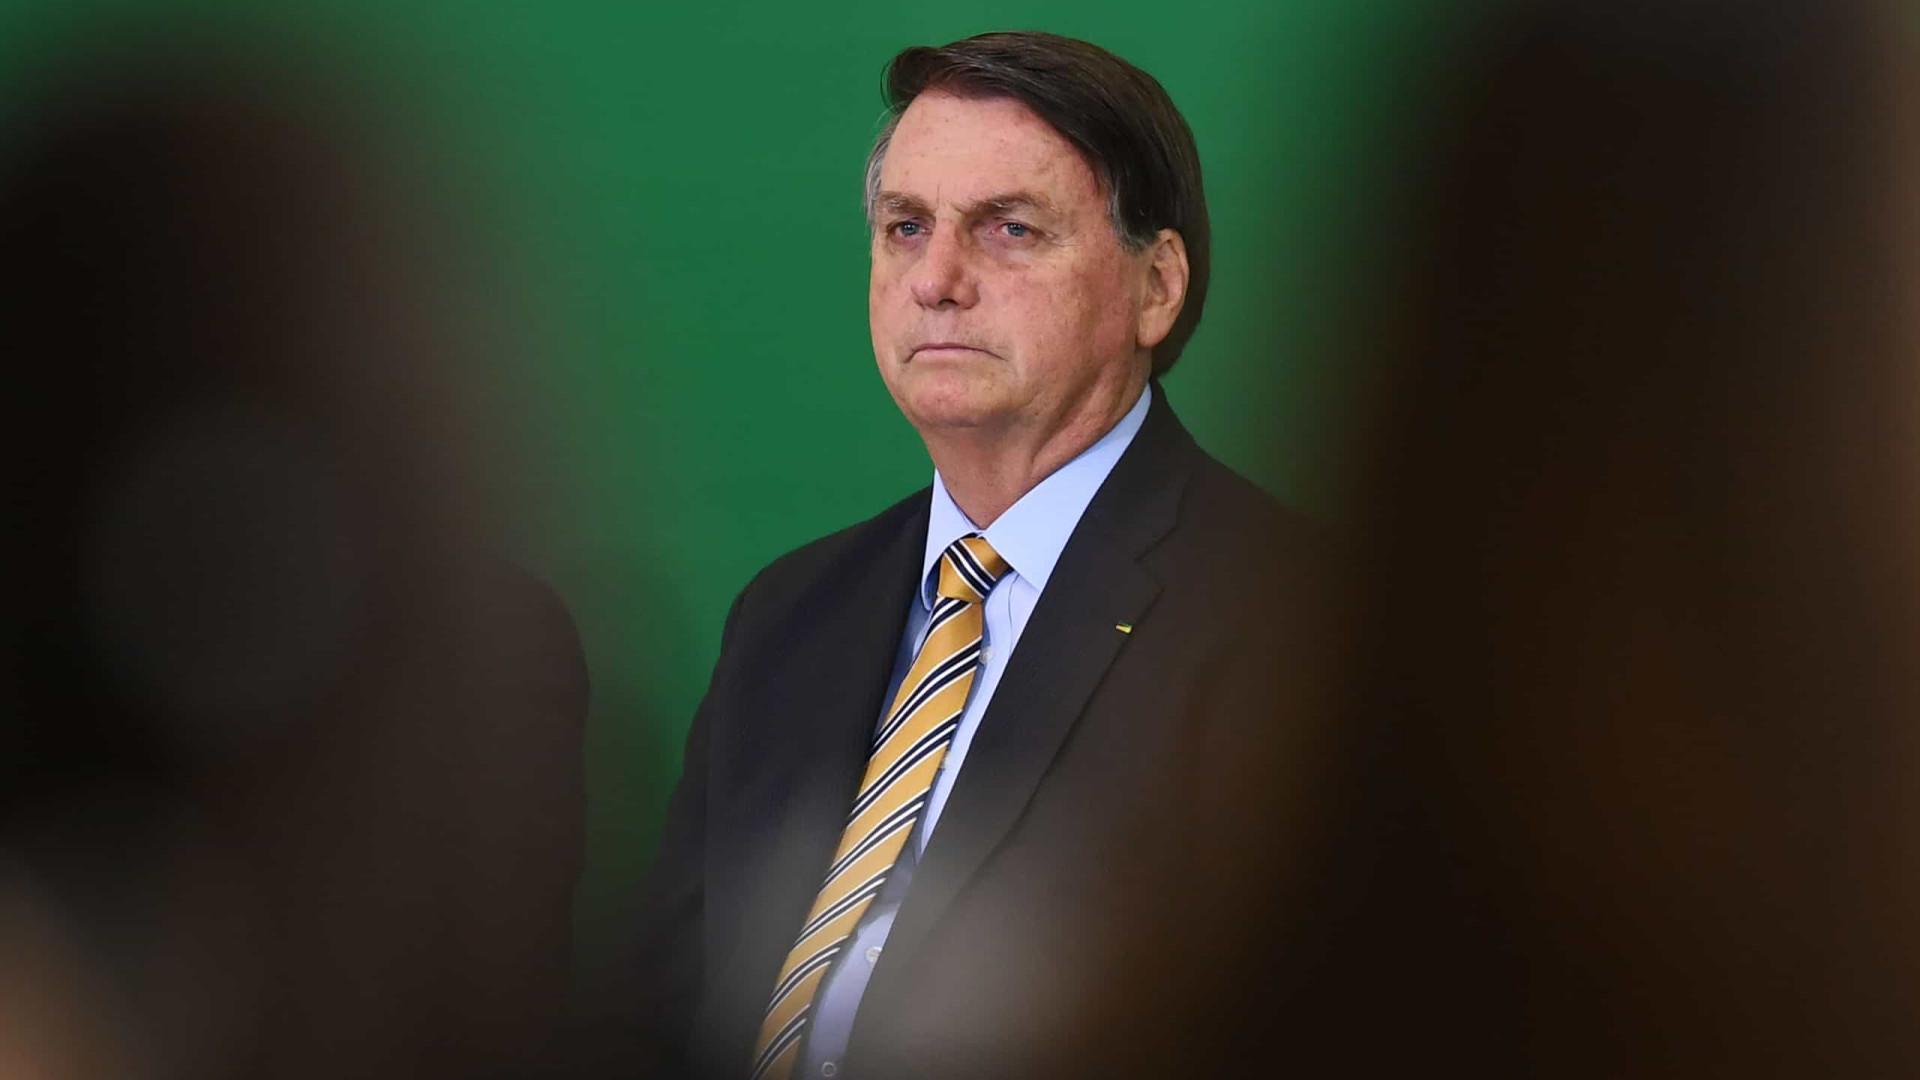 Em evento, Bolsonaro afirma que a liberdade passa por 'nós militares'